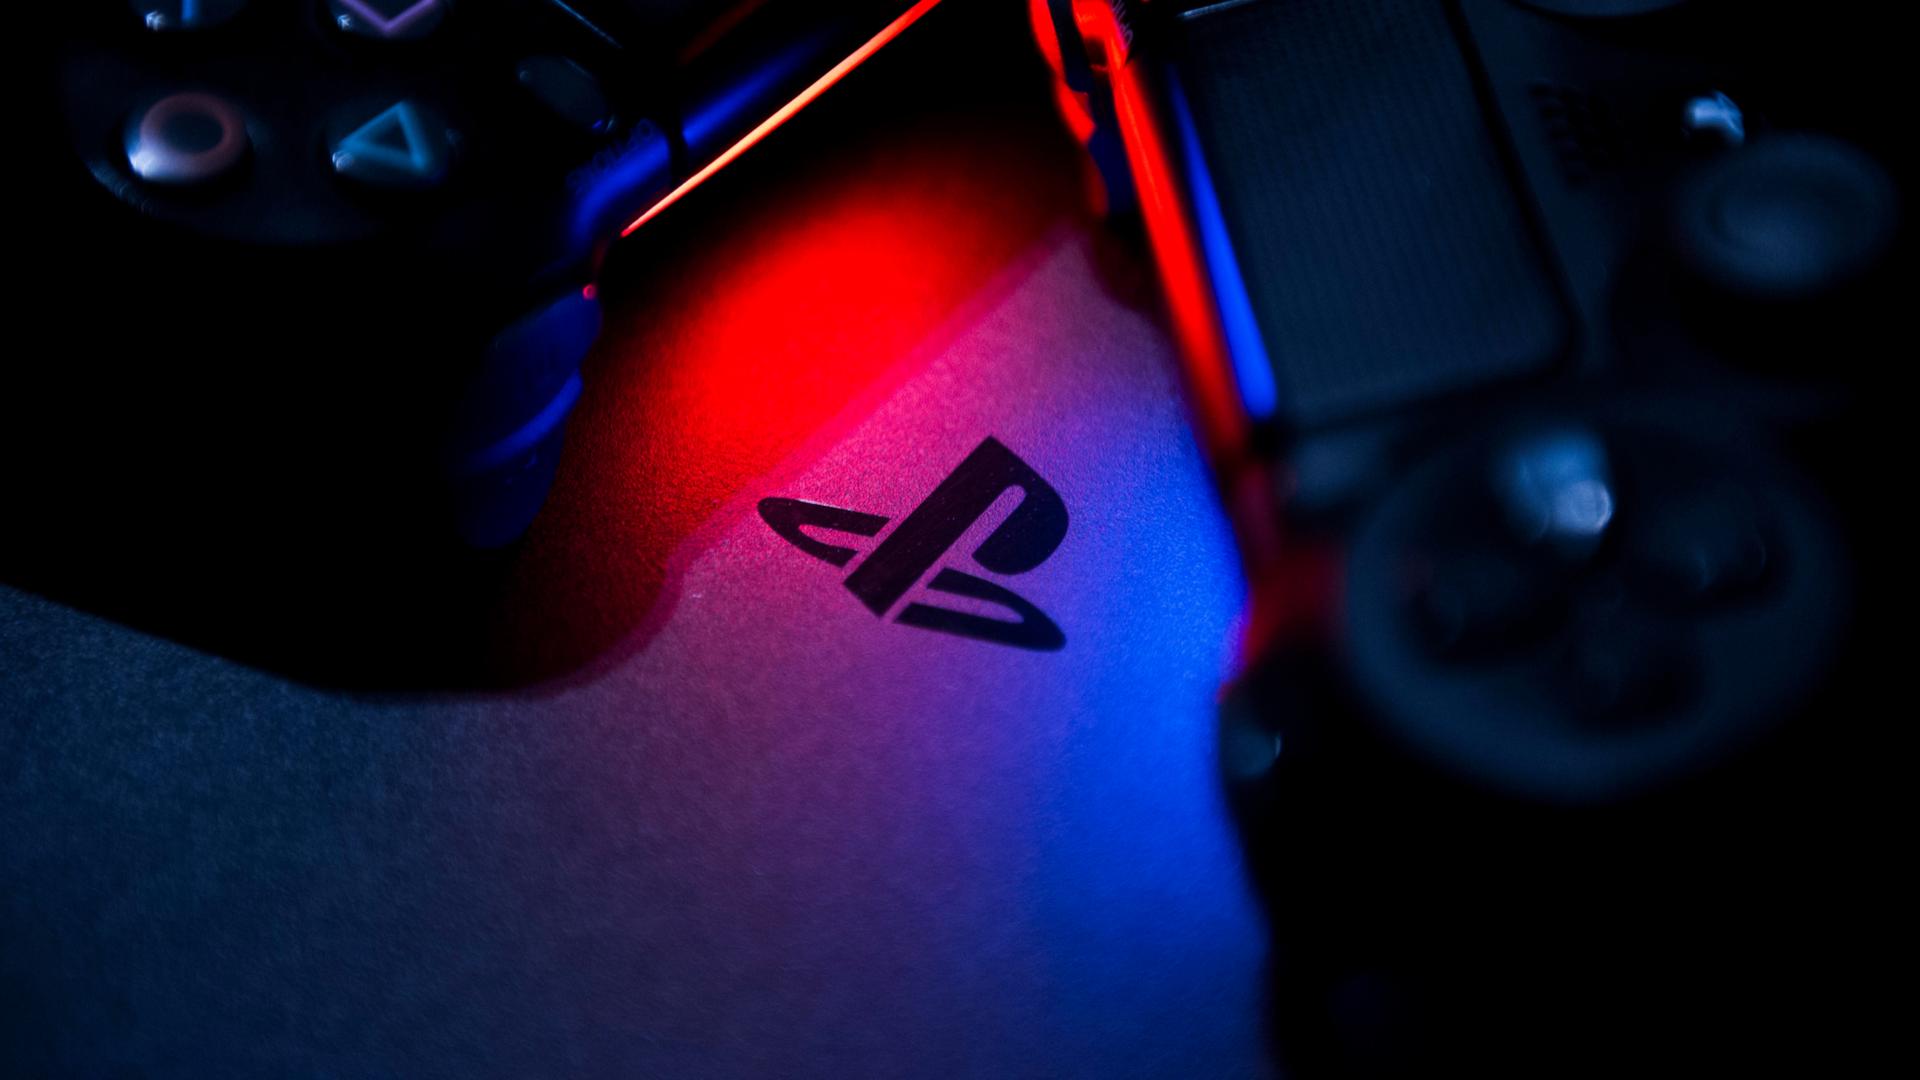 Melhores jogos de PS4 em 2020: veja games de ação, RPG e FPS para se divertir